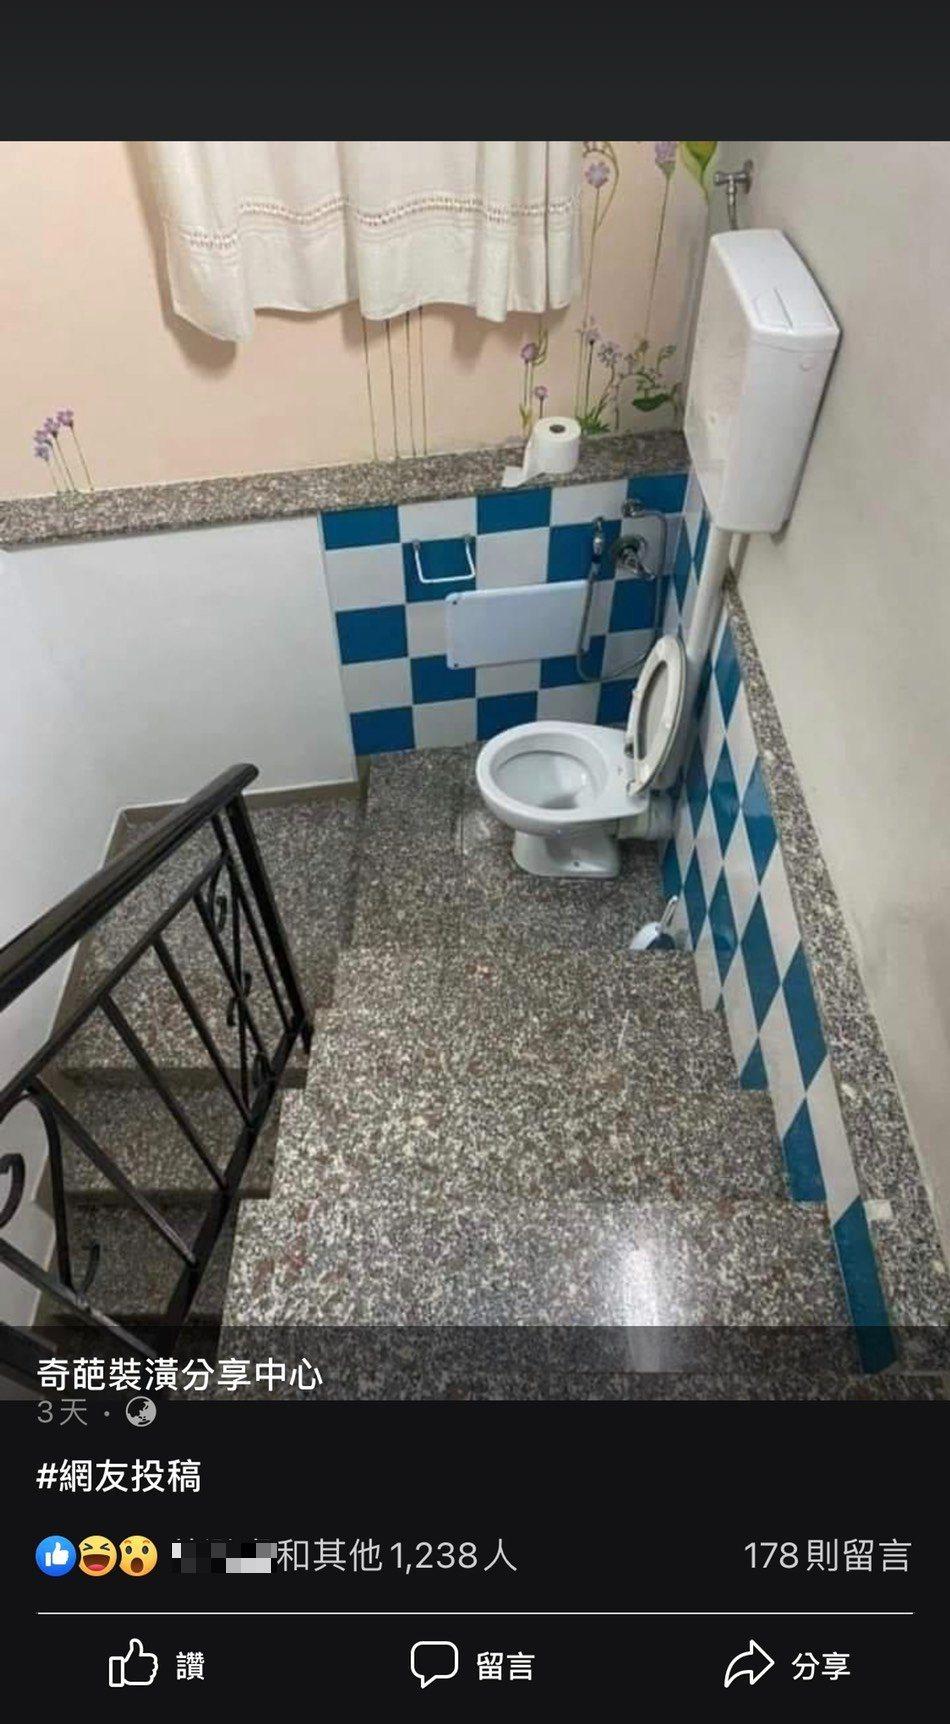 粉專分享奇葩廁所設計,圖中可見一個馬桶座被設計在樓梯間,讓許多網友笑虧,「肚子痛...